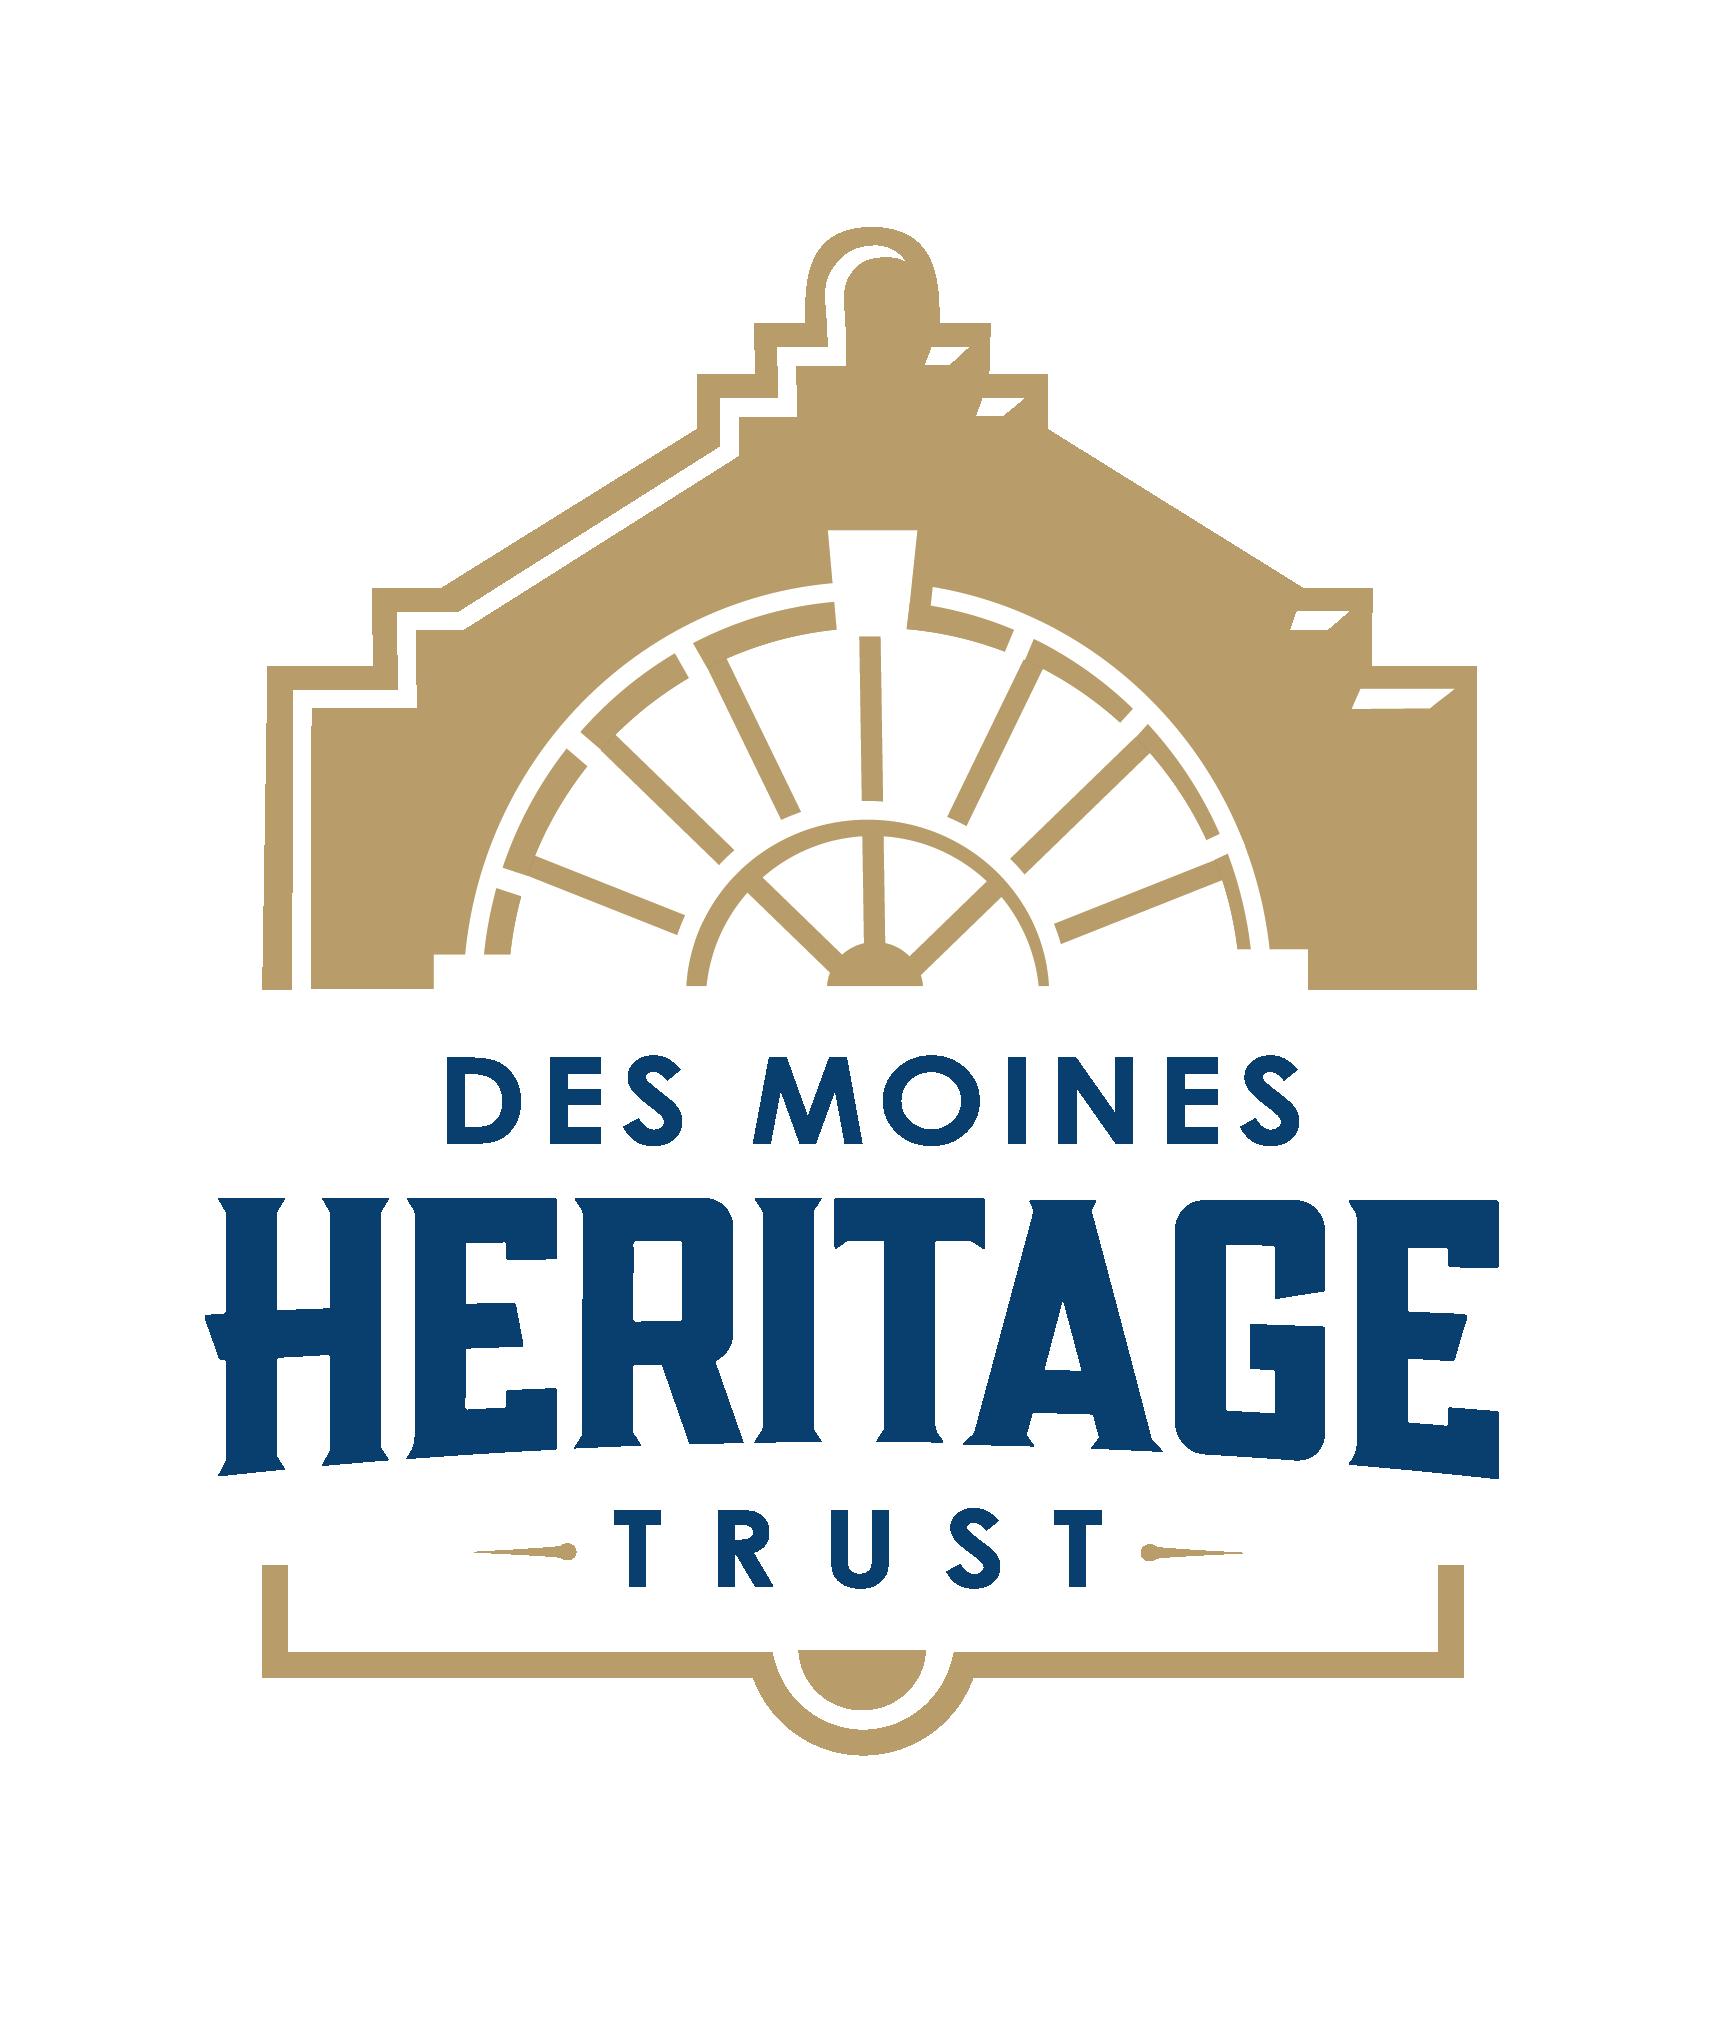 Des Moines Heritage Trust